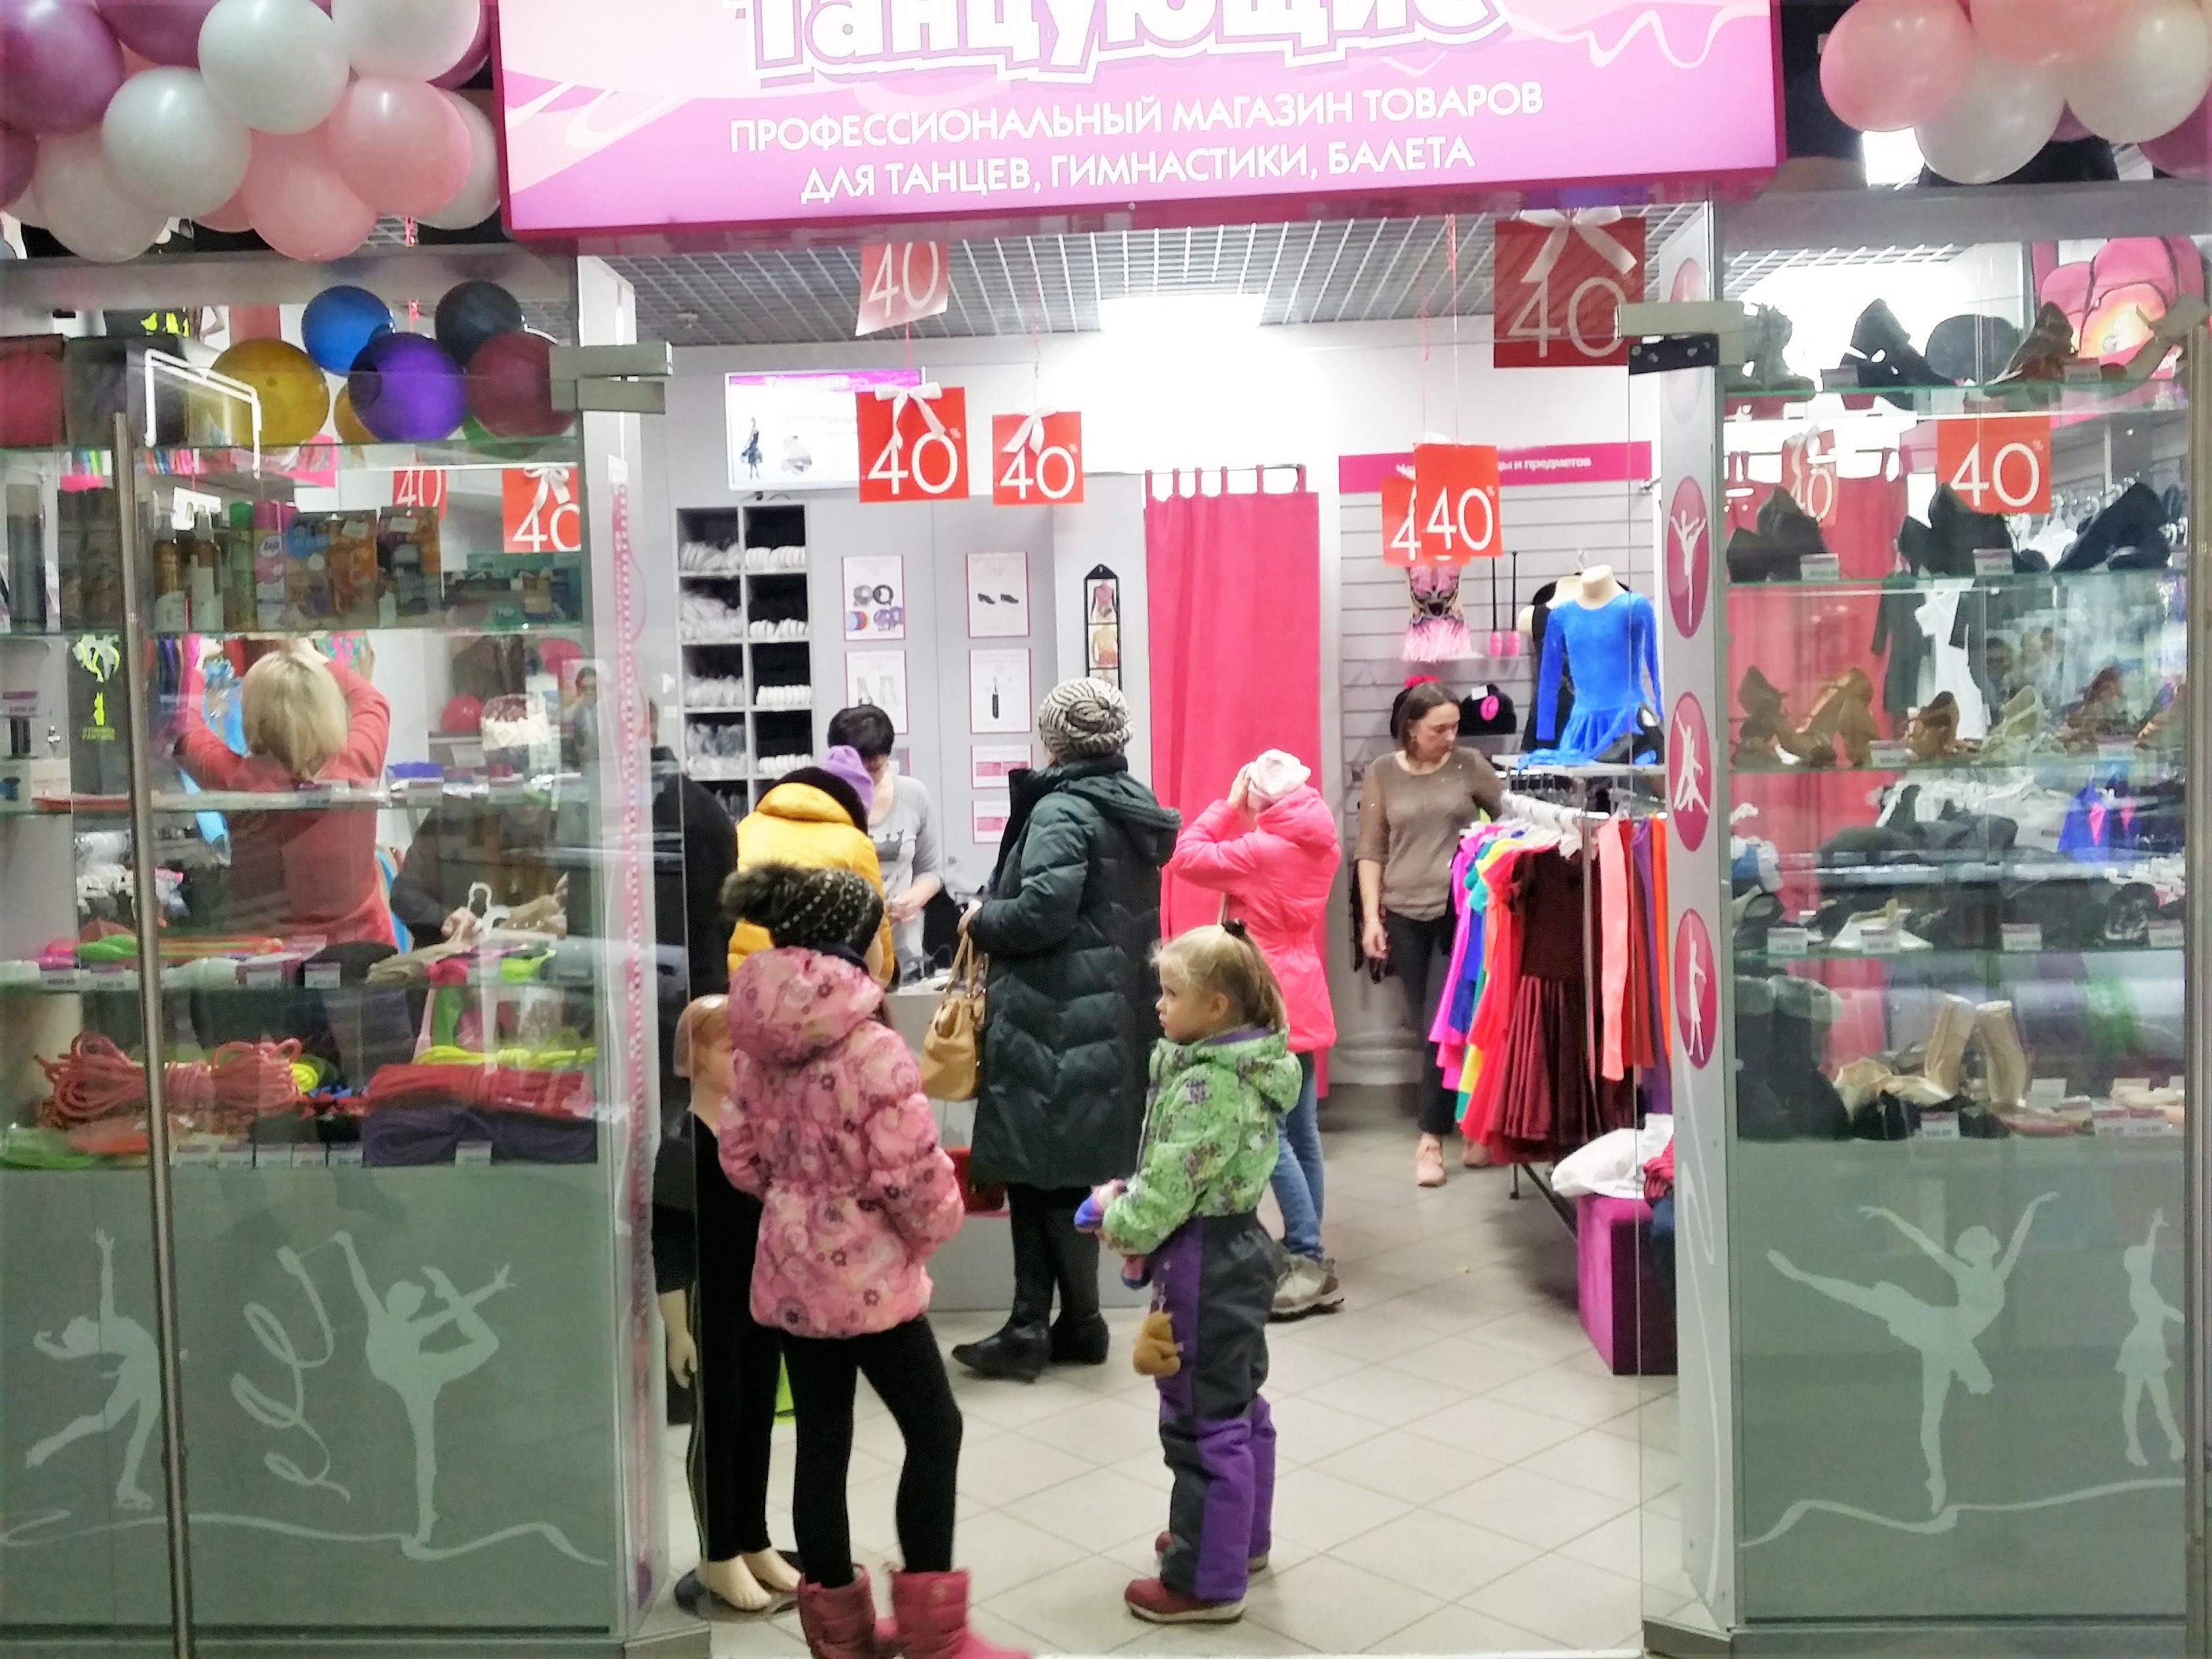 4 ноября 2017 года с успехом прошло торжественное открытие нового магазина ТАНЦУЮЩИЕ в ТЦ ВЕРТИКАЛЬ!